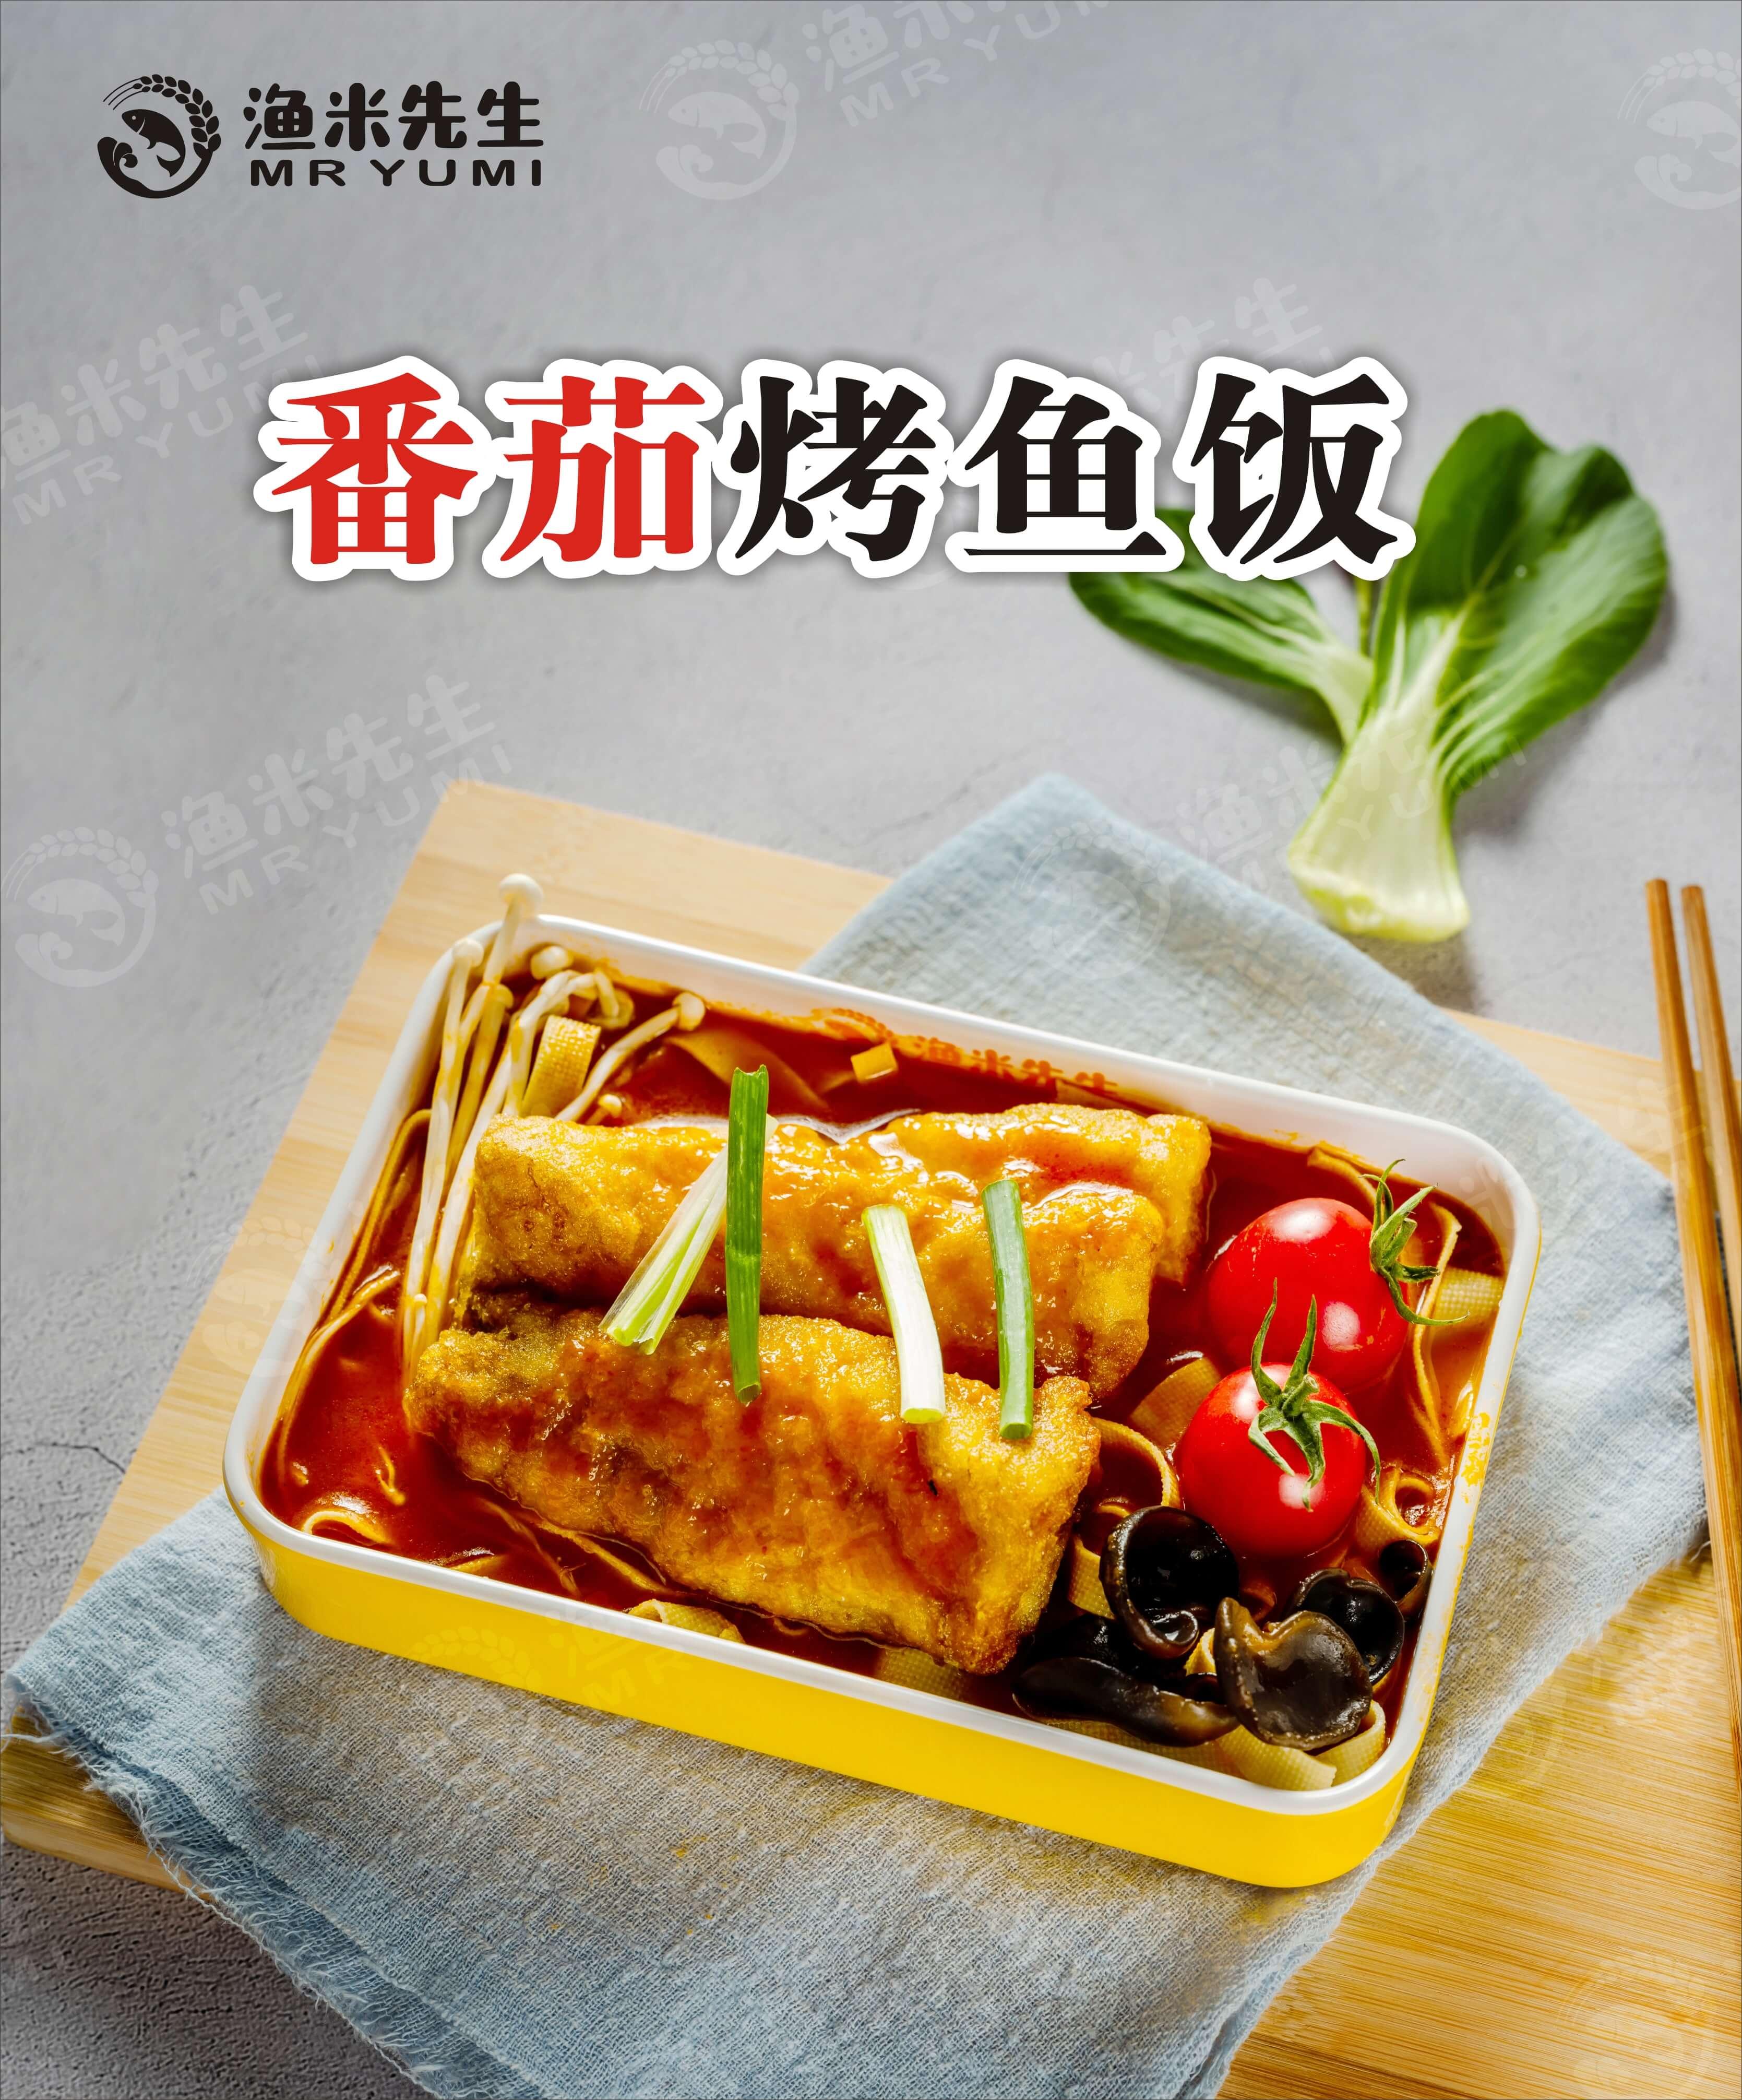 渔米先生锡纸烤鱼饭图1